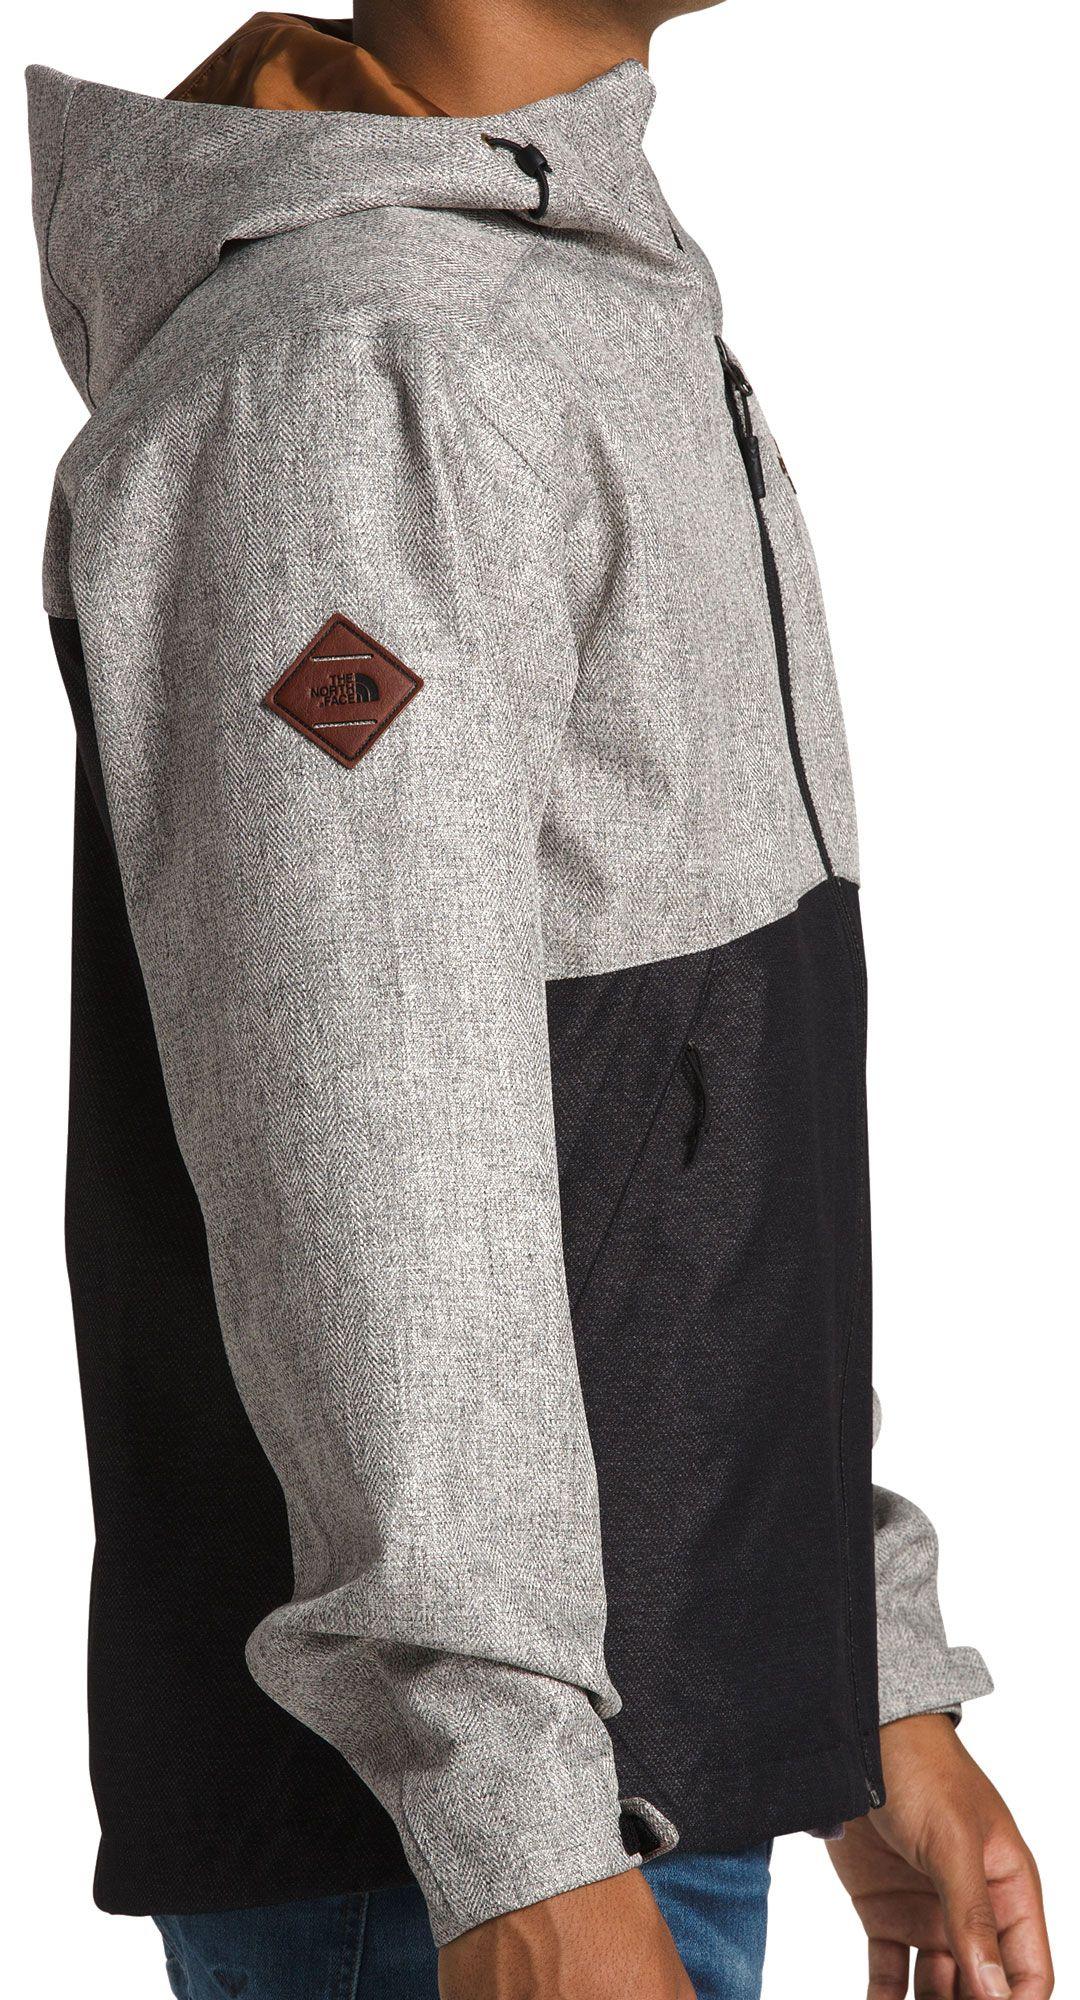 a6c33cb5d The North Face Men's Millerton Rain Jacket